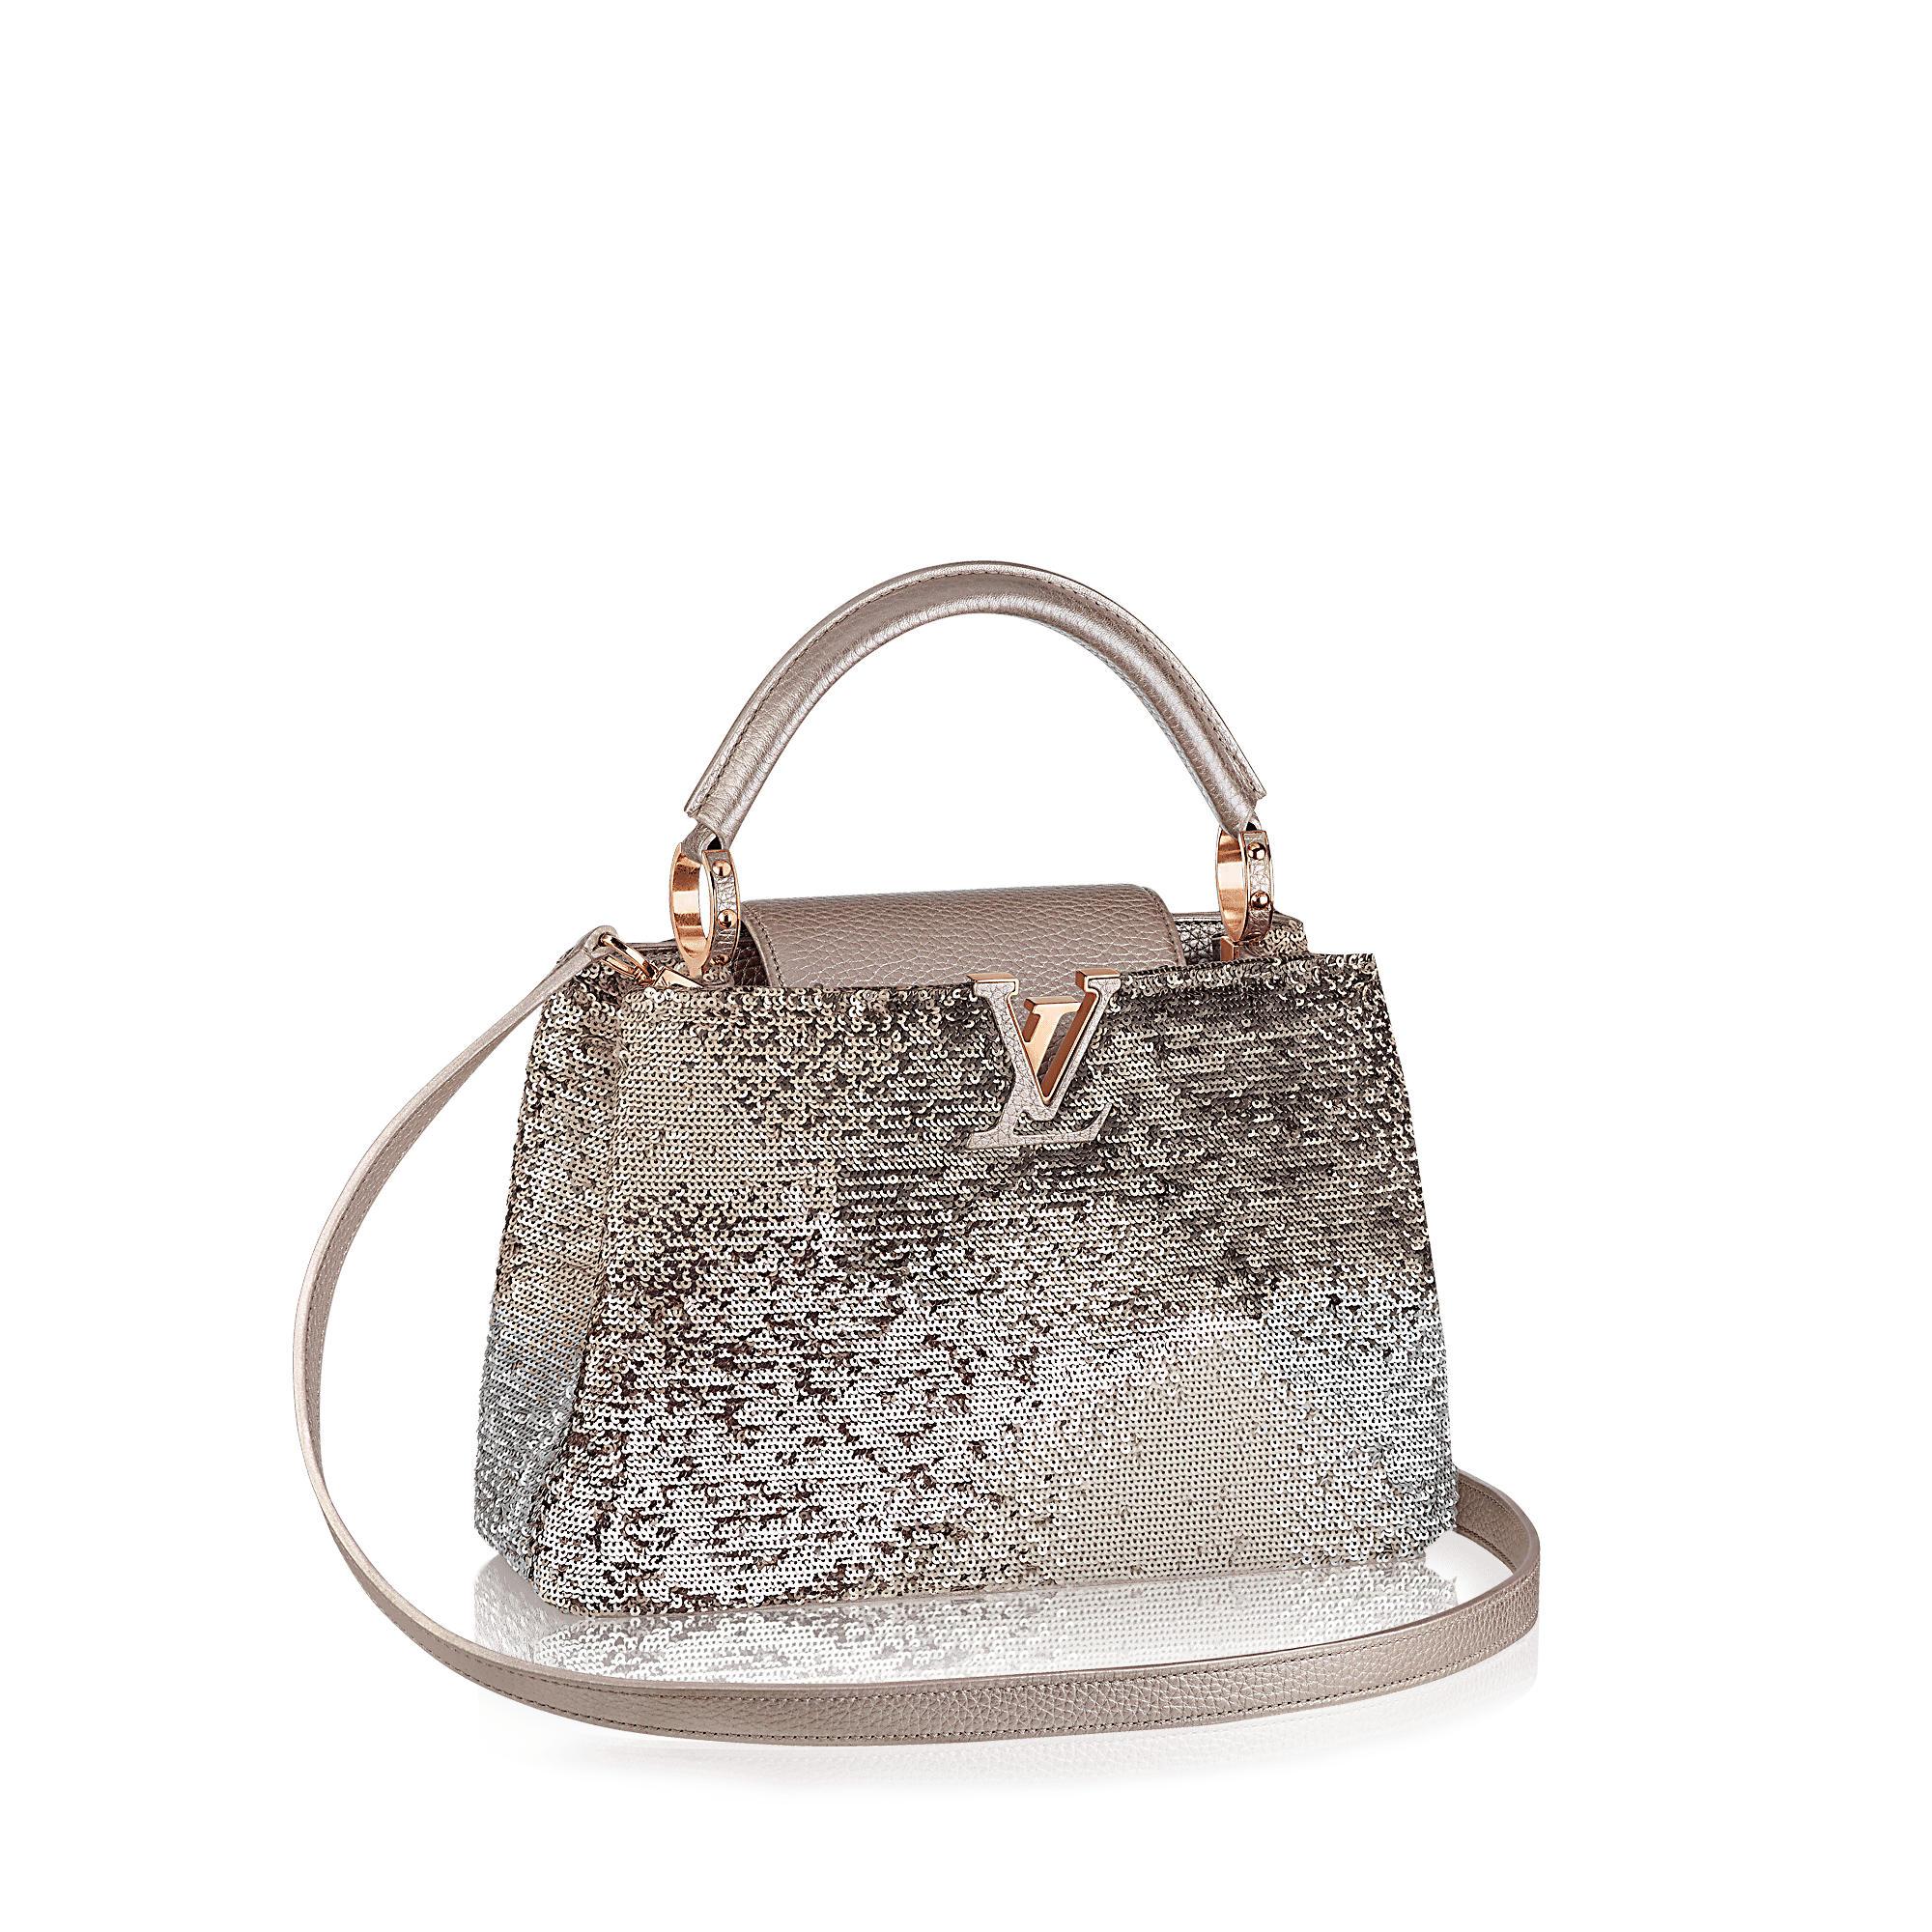 сумка Louis Vuitton Capucines купить : Capucines bb m louis vuitton